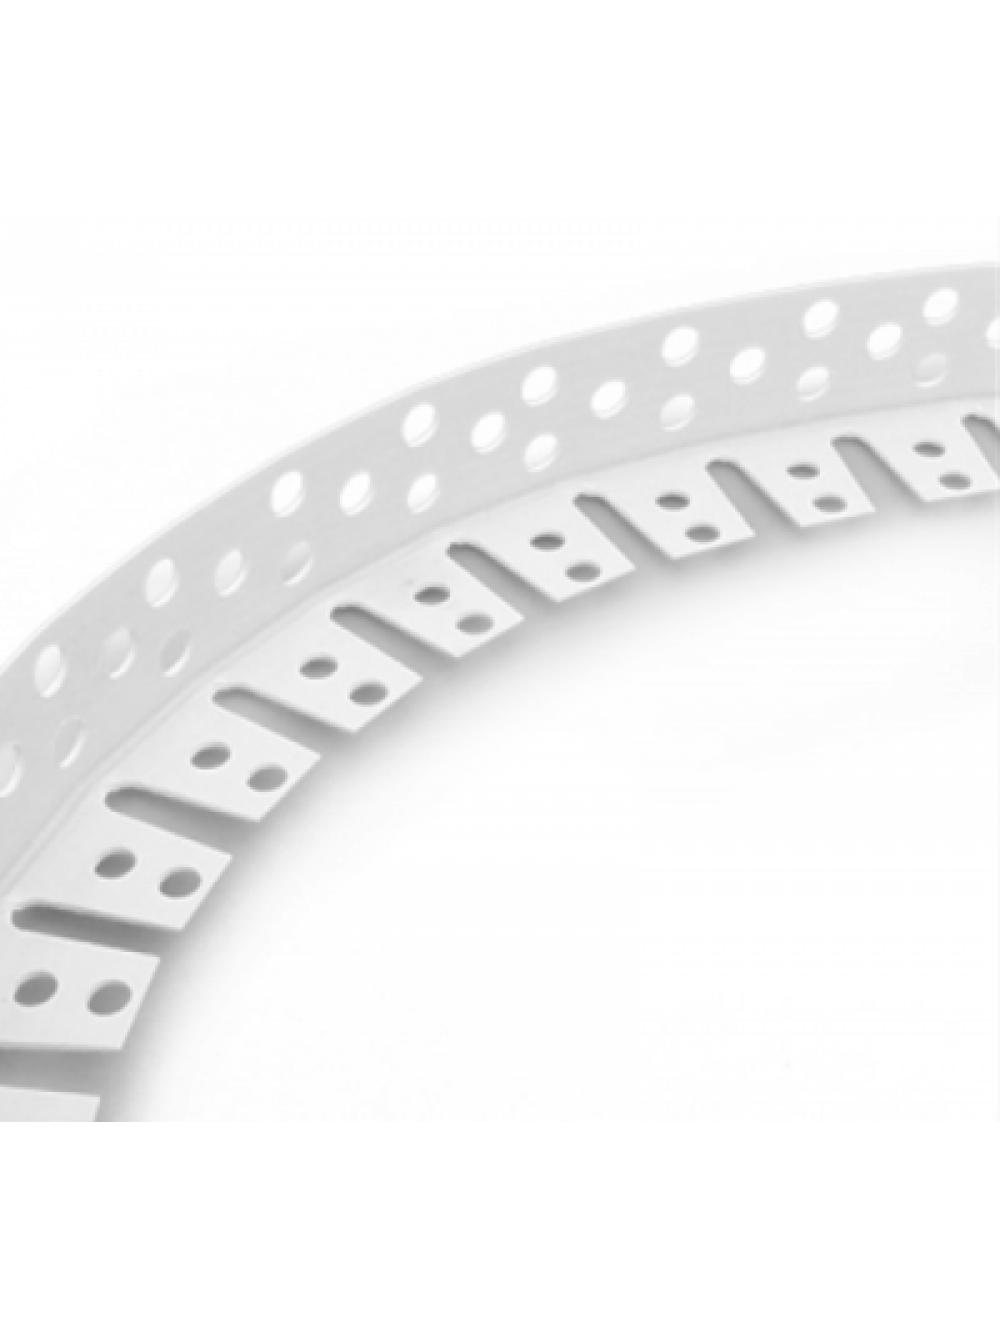 Благодаря классической композиции элементов создается законченный вид арки.